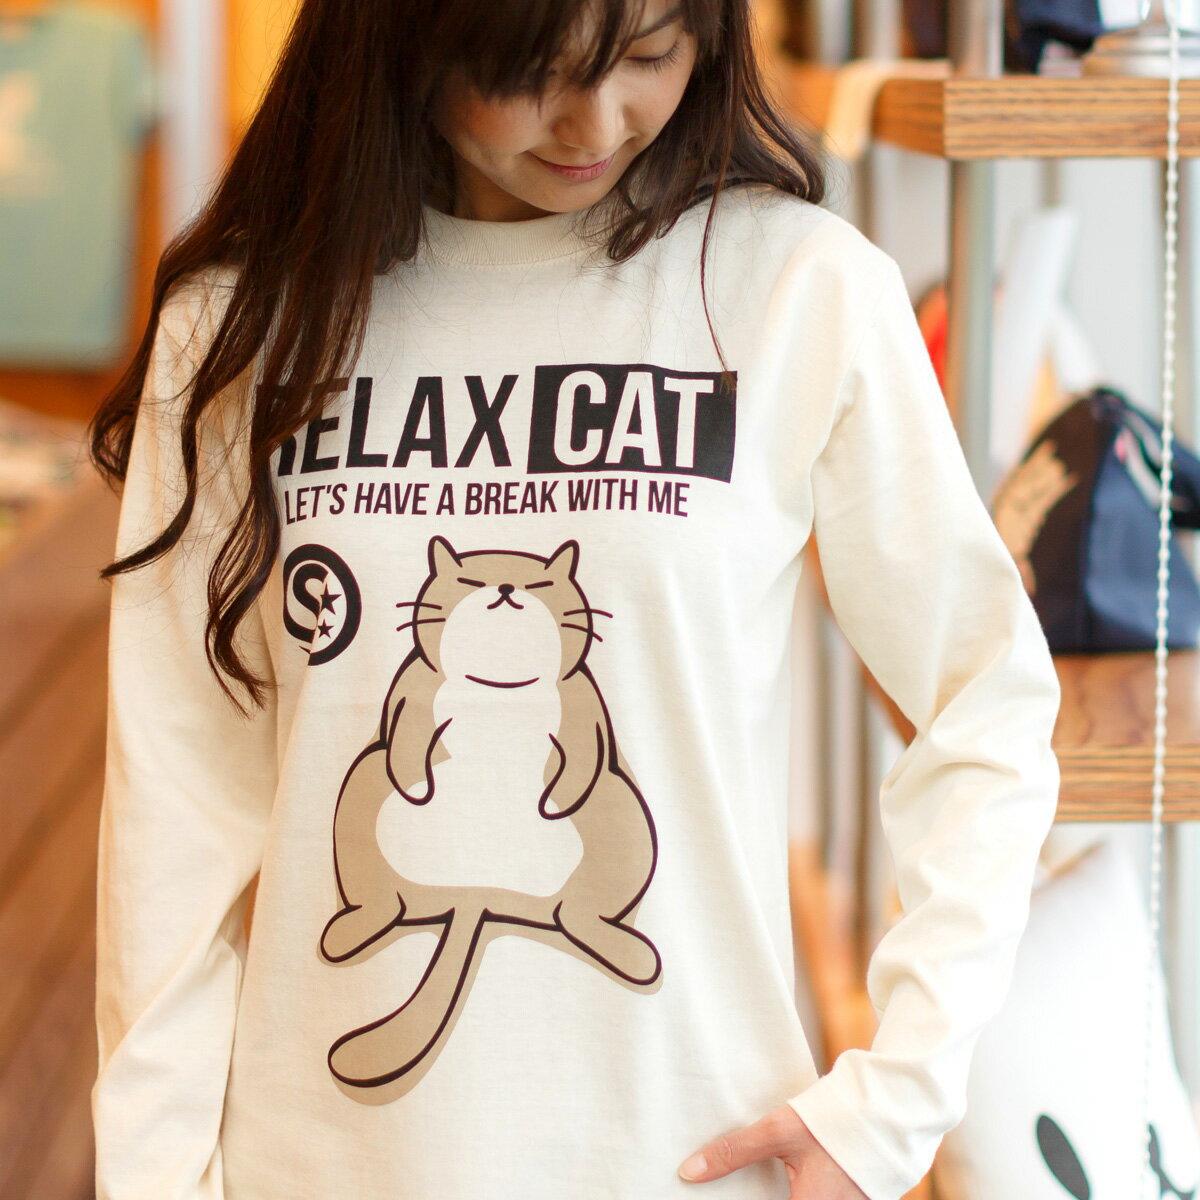 猫 ねこ ロンT RELAX CAT ( ナチュラル )   ネコ 猫柄 猫雑貨   メンズ レディース 長袖 Tシャツ トップス   かわいい おしゃれ 大人 ペアルック お揃い プレゼント   大きいサイズ   SCOPY / スコーピー